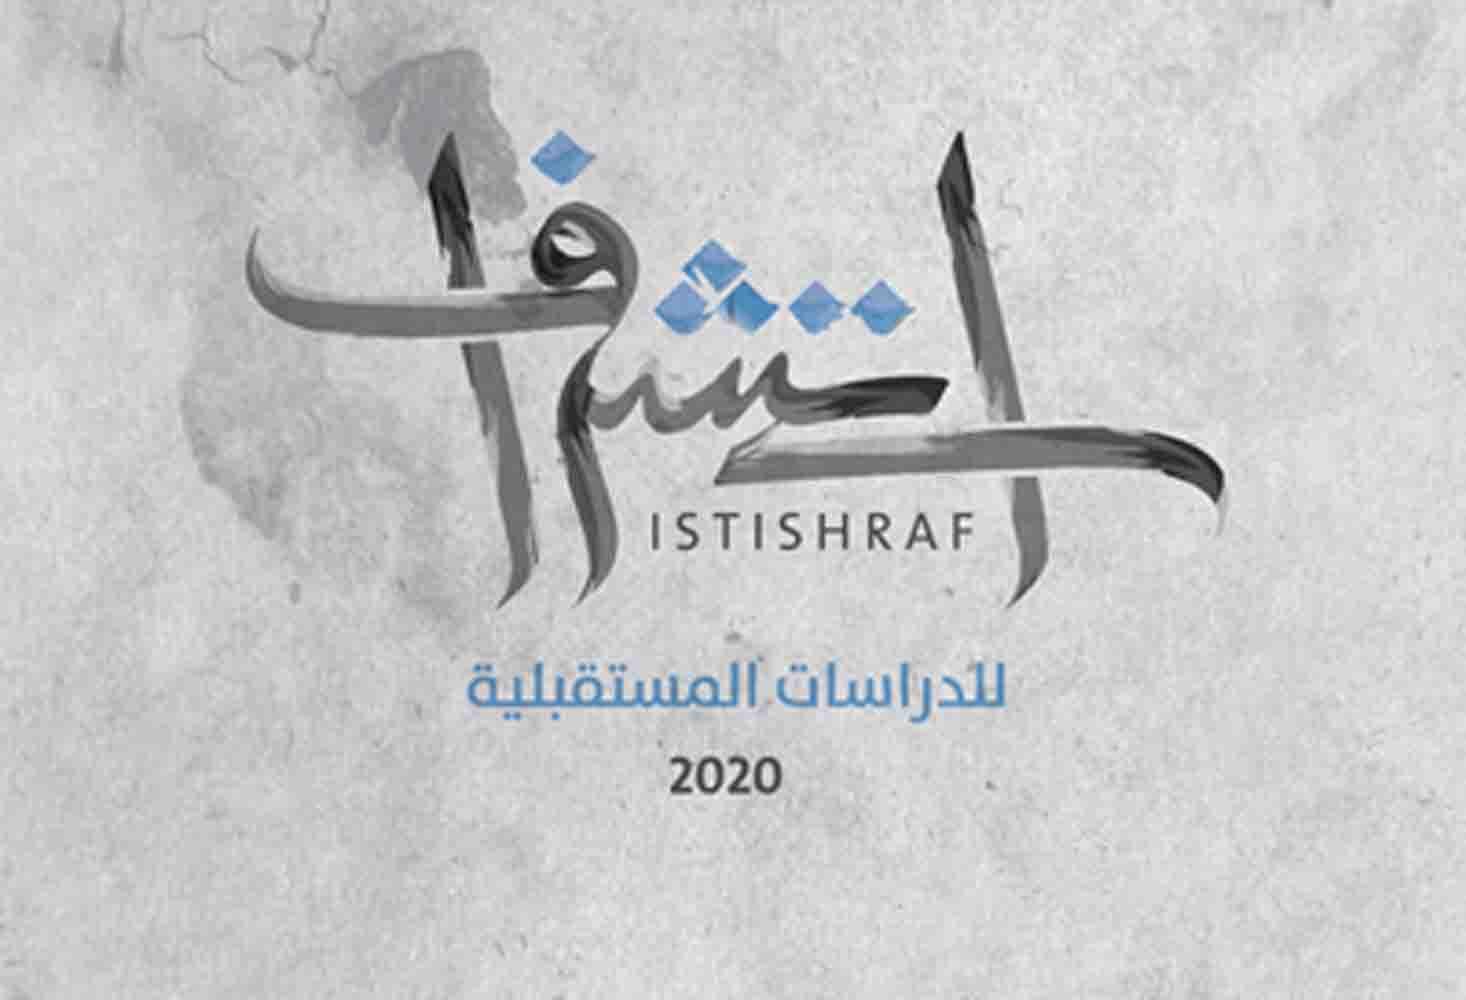 مراجعة كتاب | ديموغرافيا الصراع: استشراف مستقبل الفلسطينيين عام 2050